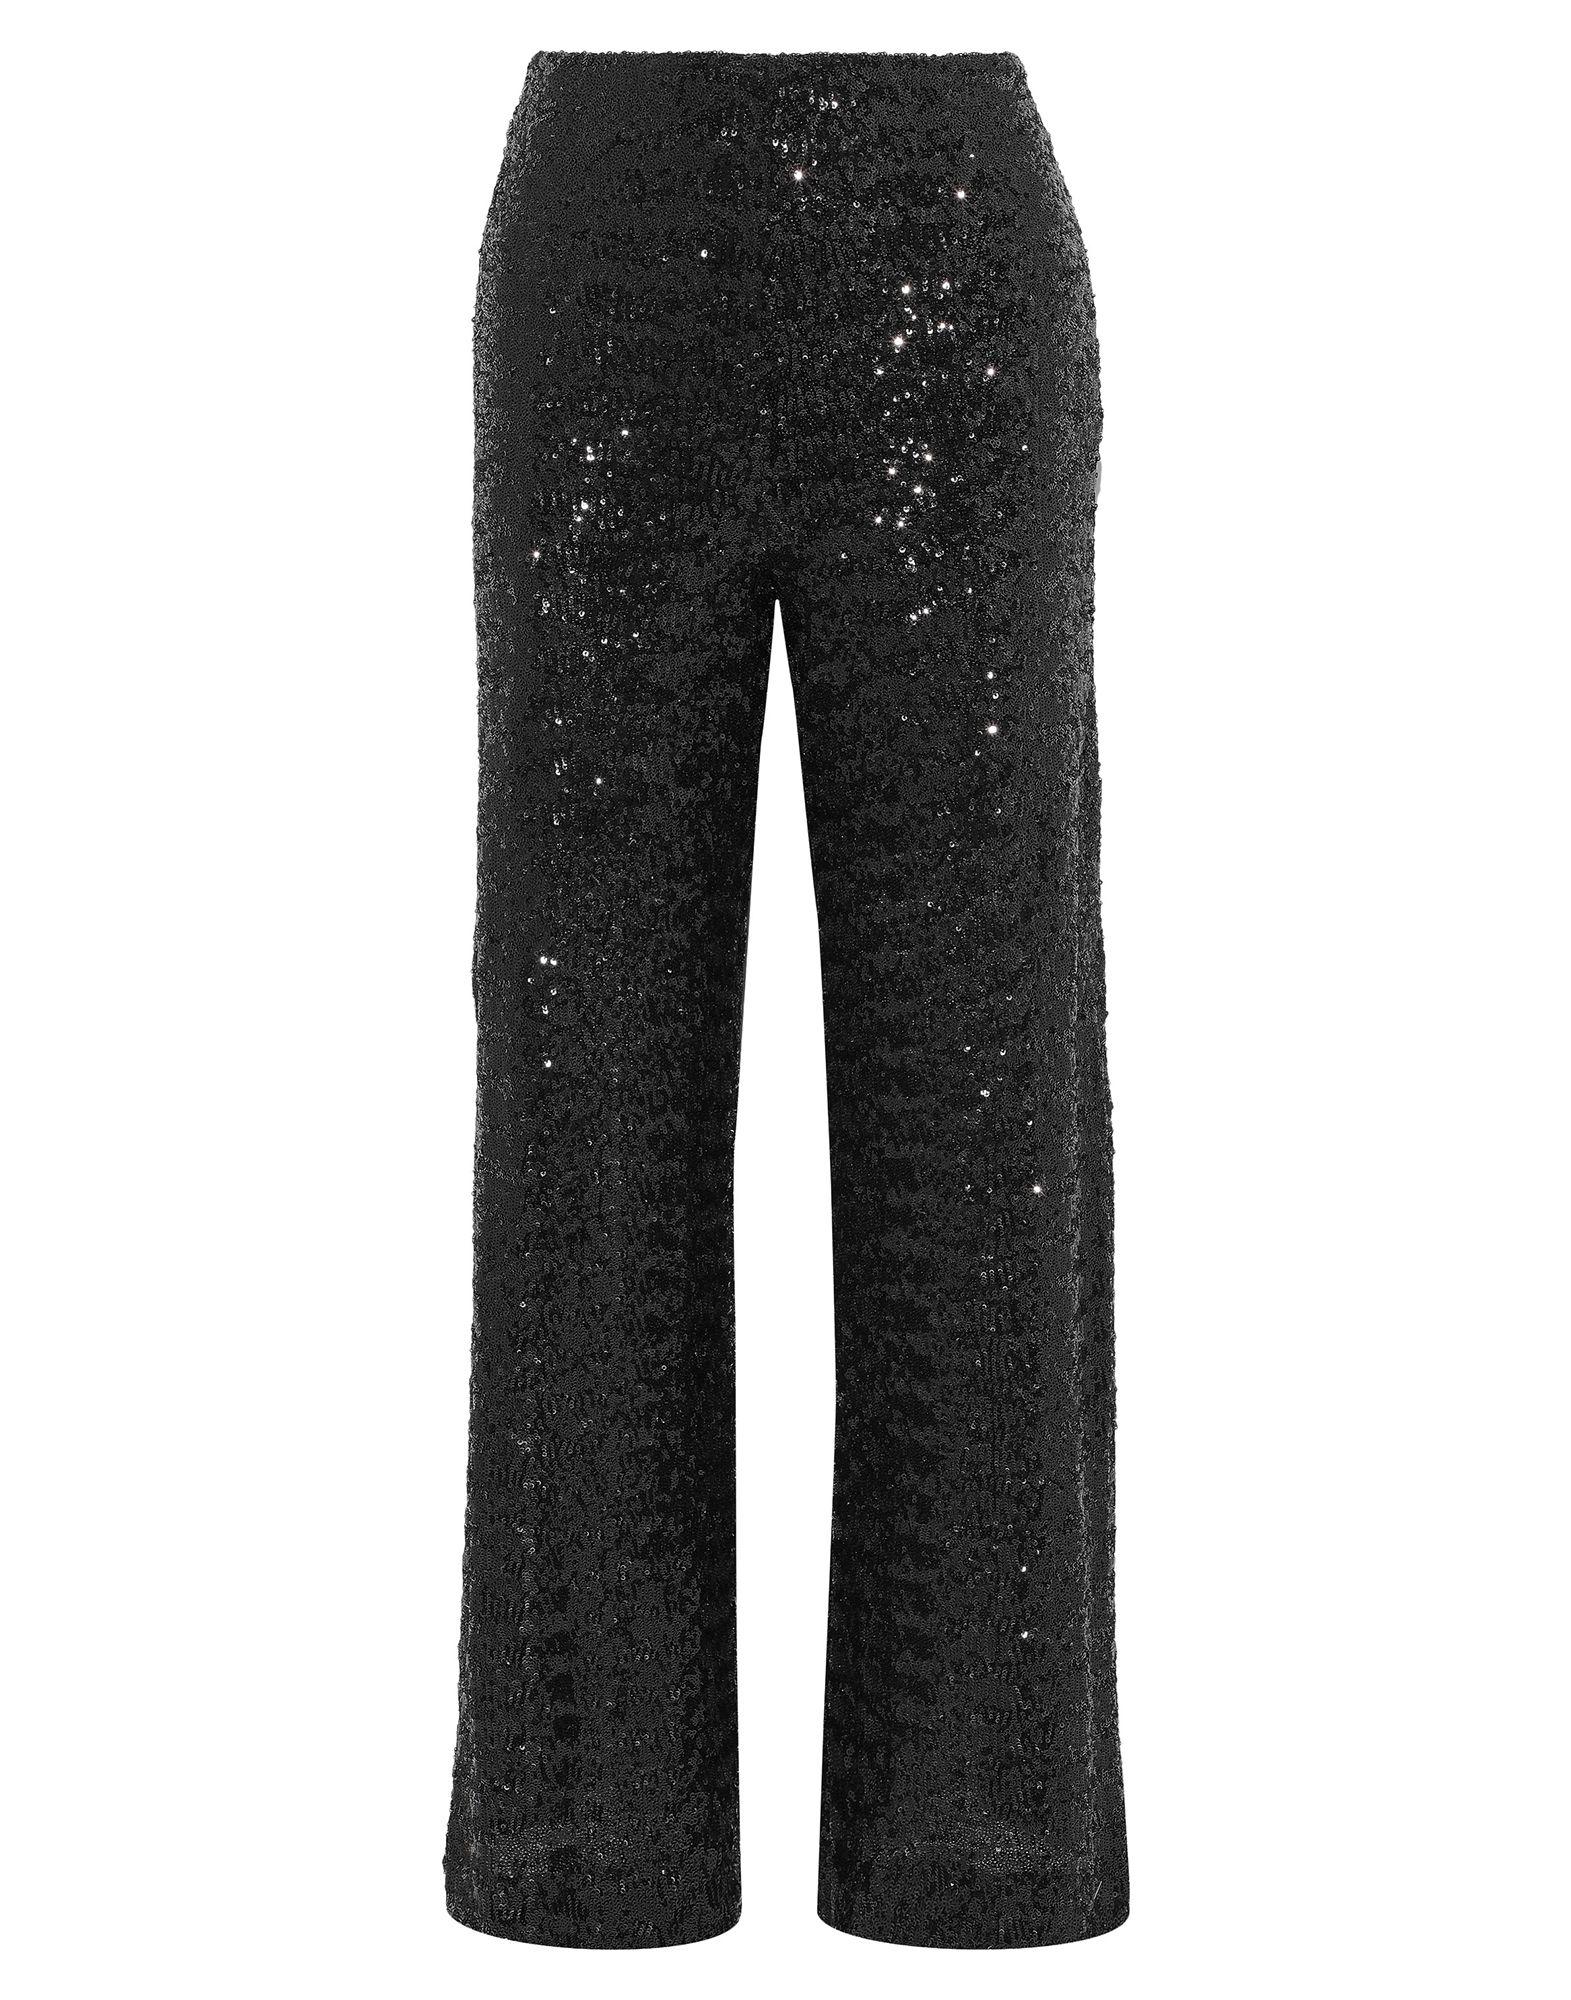 《セール開催中》ROLAND MOURET レディース パンツ ブラック 8 ポリエステル 100% / アセテート / レーヨン / ポリウレタン